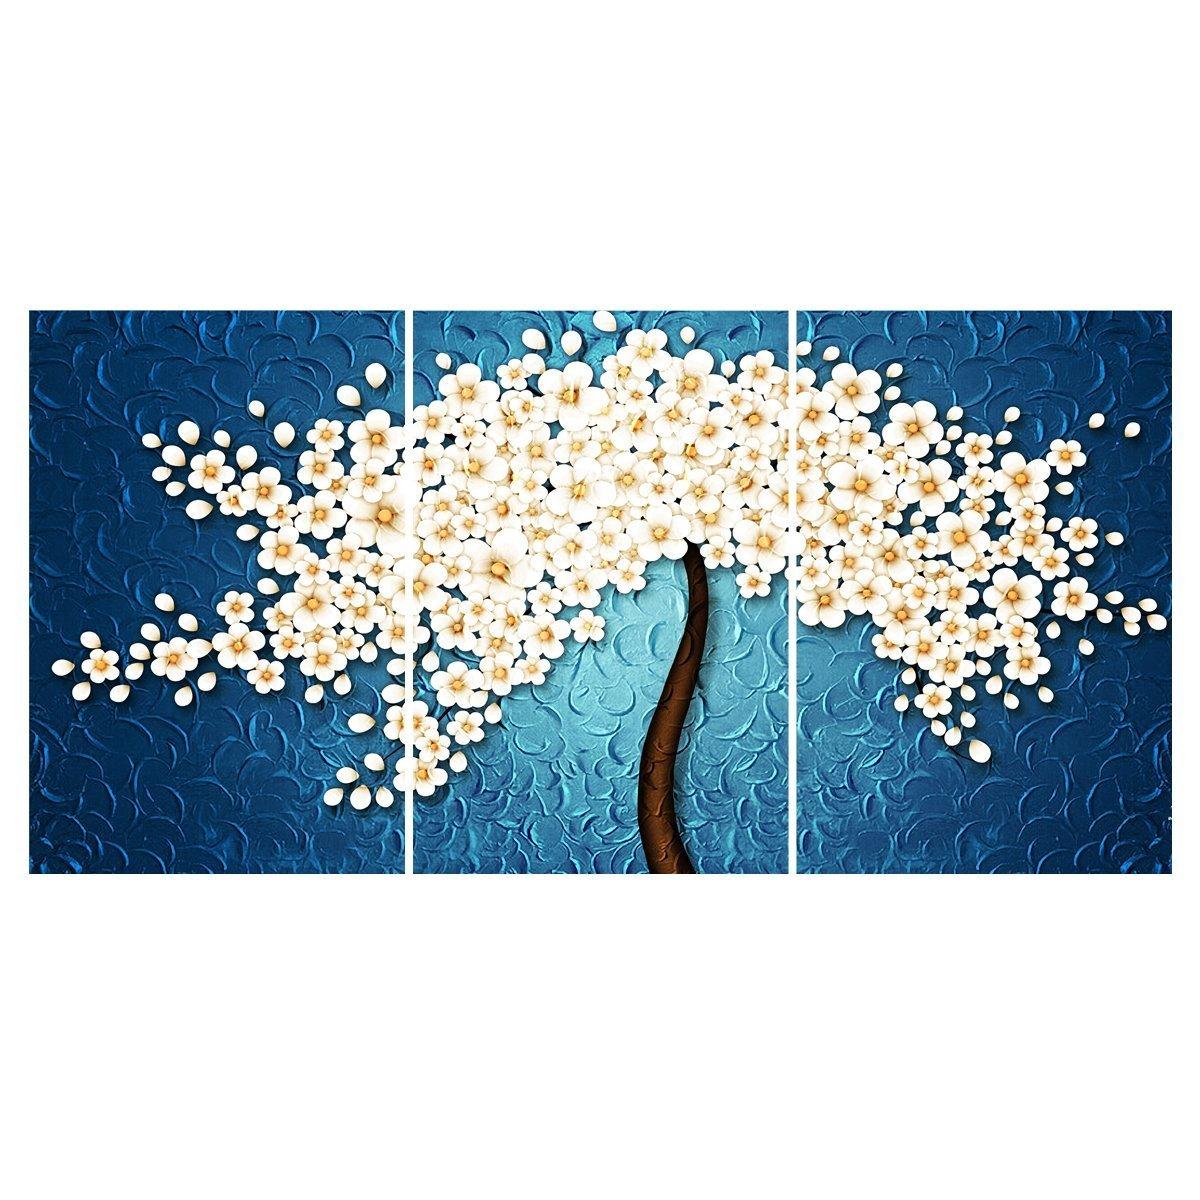 【開運 植物】壁飾り 絵画 花 アートパネル 桜の木 ファブリックパネル 絵画 桜花 モダン絵画 インテリア 絵画 壁キャンバス絵画 壁アート 木枠セット 40*60*3枚パネルセット B01MUG22RU